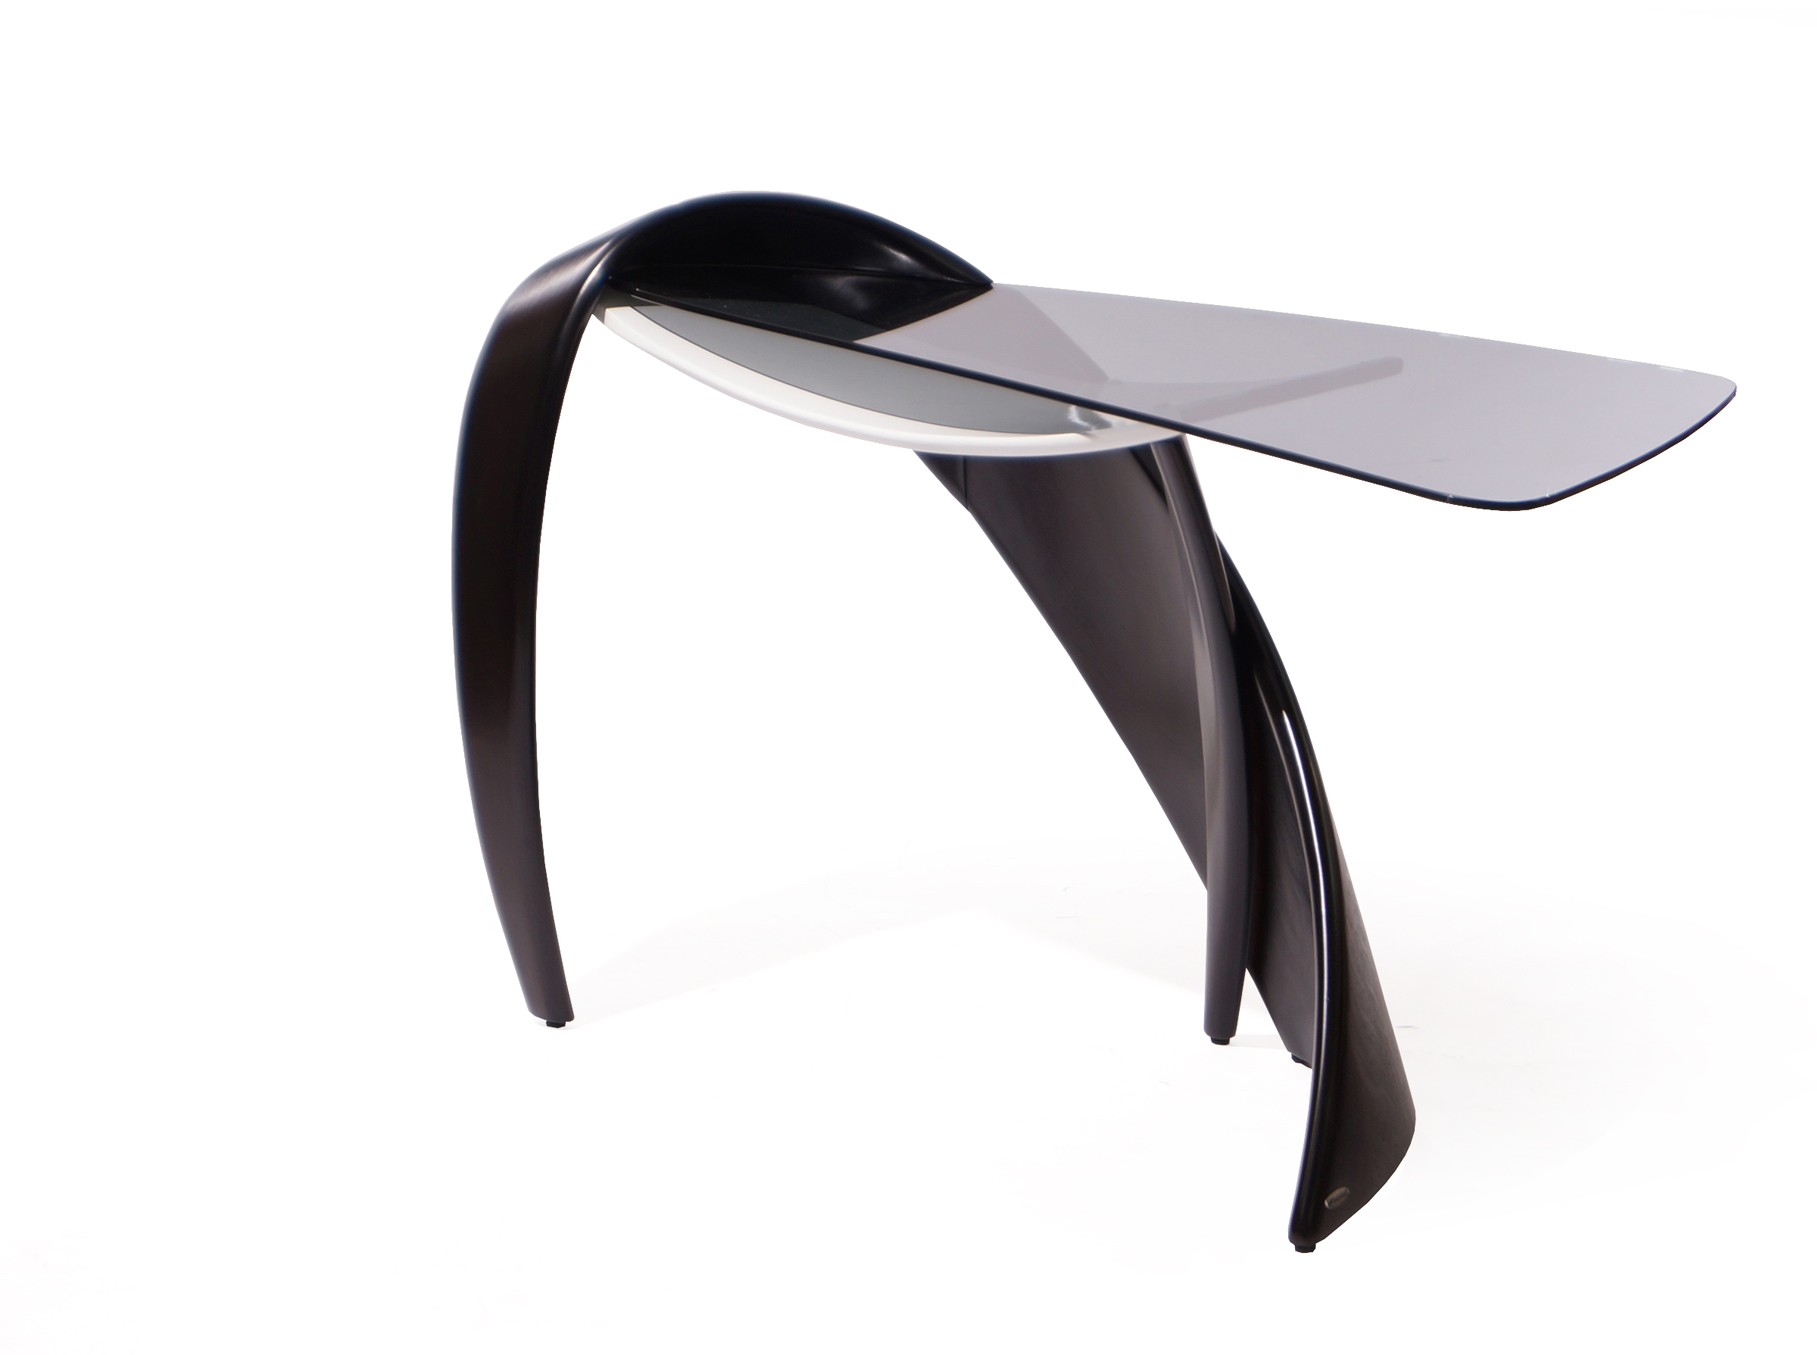 Стол BrazoТуалетные столики<br>стол туалетный из асимметричной коллекции для спальной. Может использоваться как небольшой письменный стол для работы за ноутбуком.&amp;amp;nbsp;&amp;lt;div&amp;gt;&amp;lt;br&amp;gt;&amp;lt;/div&amp;gt;&amp;lt;div&amp;gt;Материал<br>Натуральное дерево/береза /9т венге&amp;lt;/div&amp;gt;<br><br>Material: Стекло<br>Ширина см: 128<br>Высота см: 87<br>Глубина см: 56